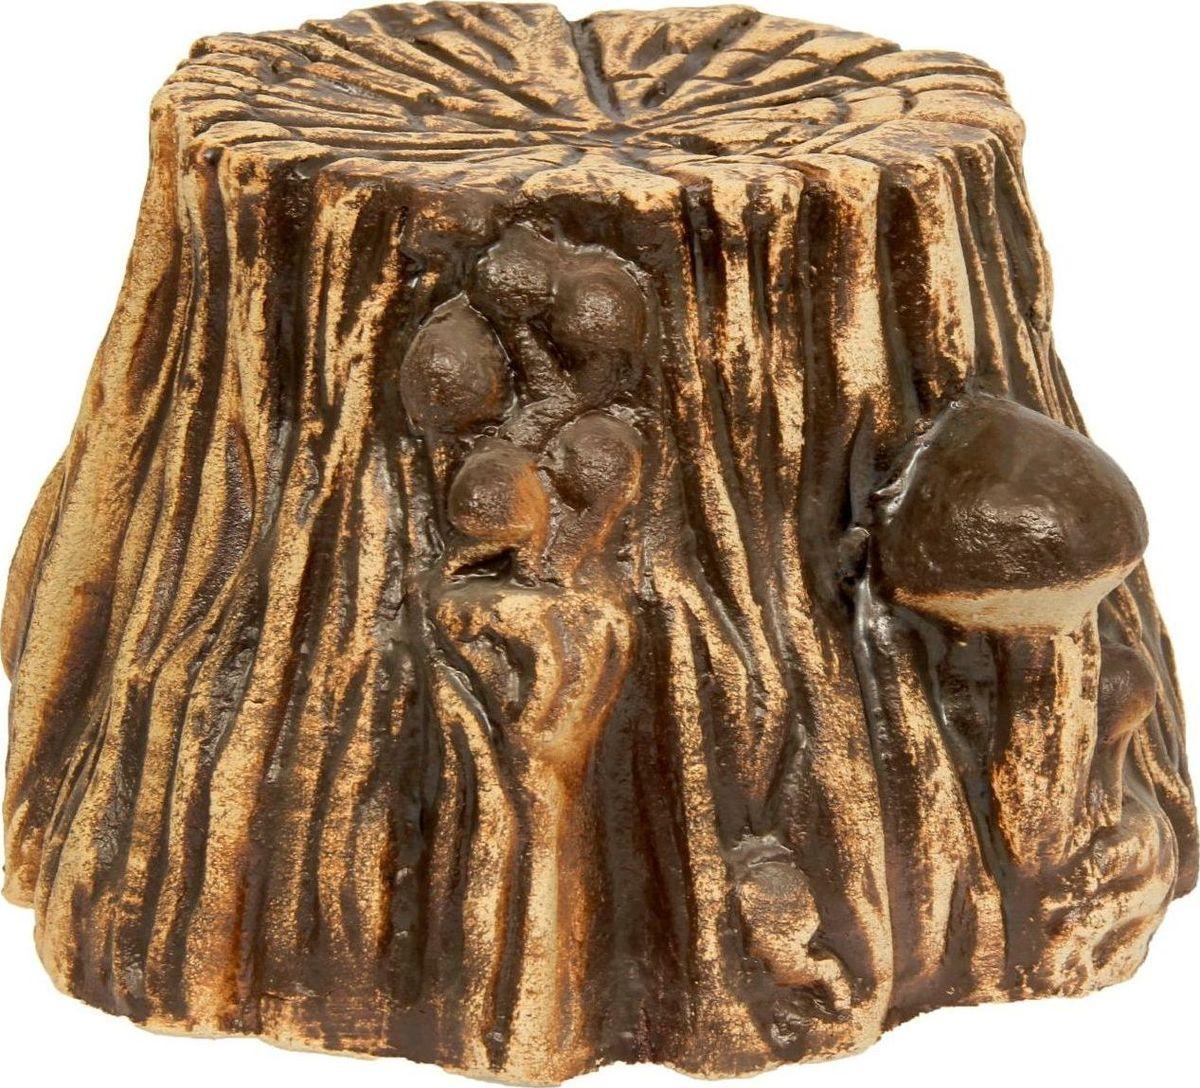 Фигура садовая Керамика ручной работы Пенек, 45 х 45 х 27 см1123961Садовая фигура Пенёк шамот - маленький помощник в создании неповторимого декора садового или дачного участка. Оригинальная форма изделия станет изюминкой пространства, достойным дополнением ландшафтного творчества. Фигура выполнена исключительно из природных материалов, а именно из шамотной глины, которая делает его абсолютно нетоксичным, устойчивым к воздействию окружающей среды (морозостойкий), устойчивым к изменению цвета и структуры (не шелушится и не облезает). При декорировании горшка используются только качественные пигменты. Процесс обжига глины проходит в 2 этапа: утилитный (900 градусов) с последующим декорированием и политой (1100 градусов), придающим изделию необходимую крепость.